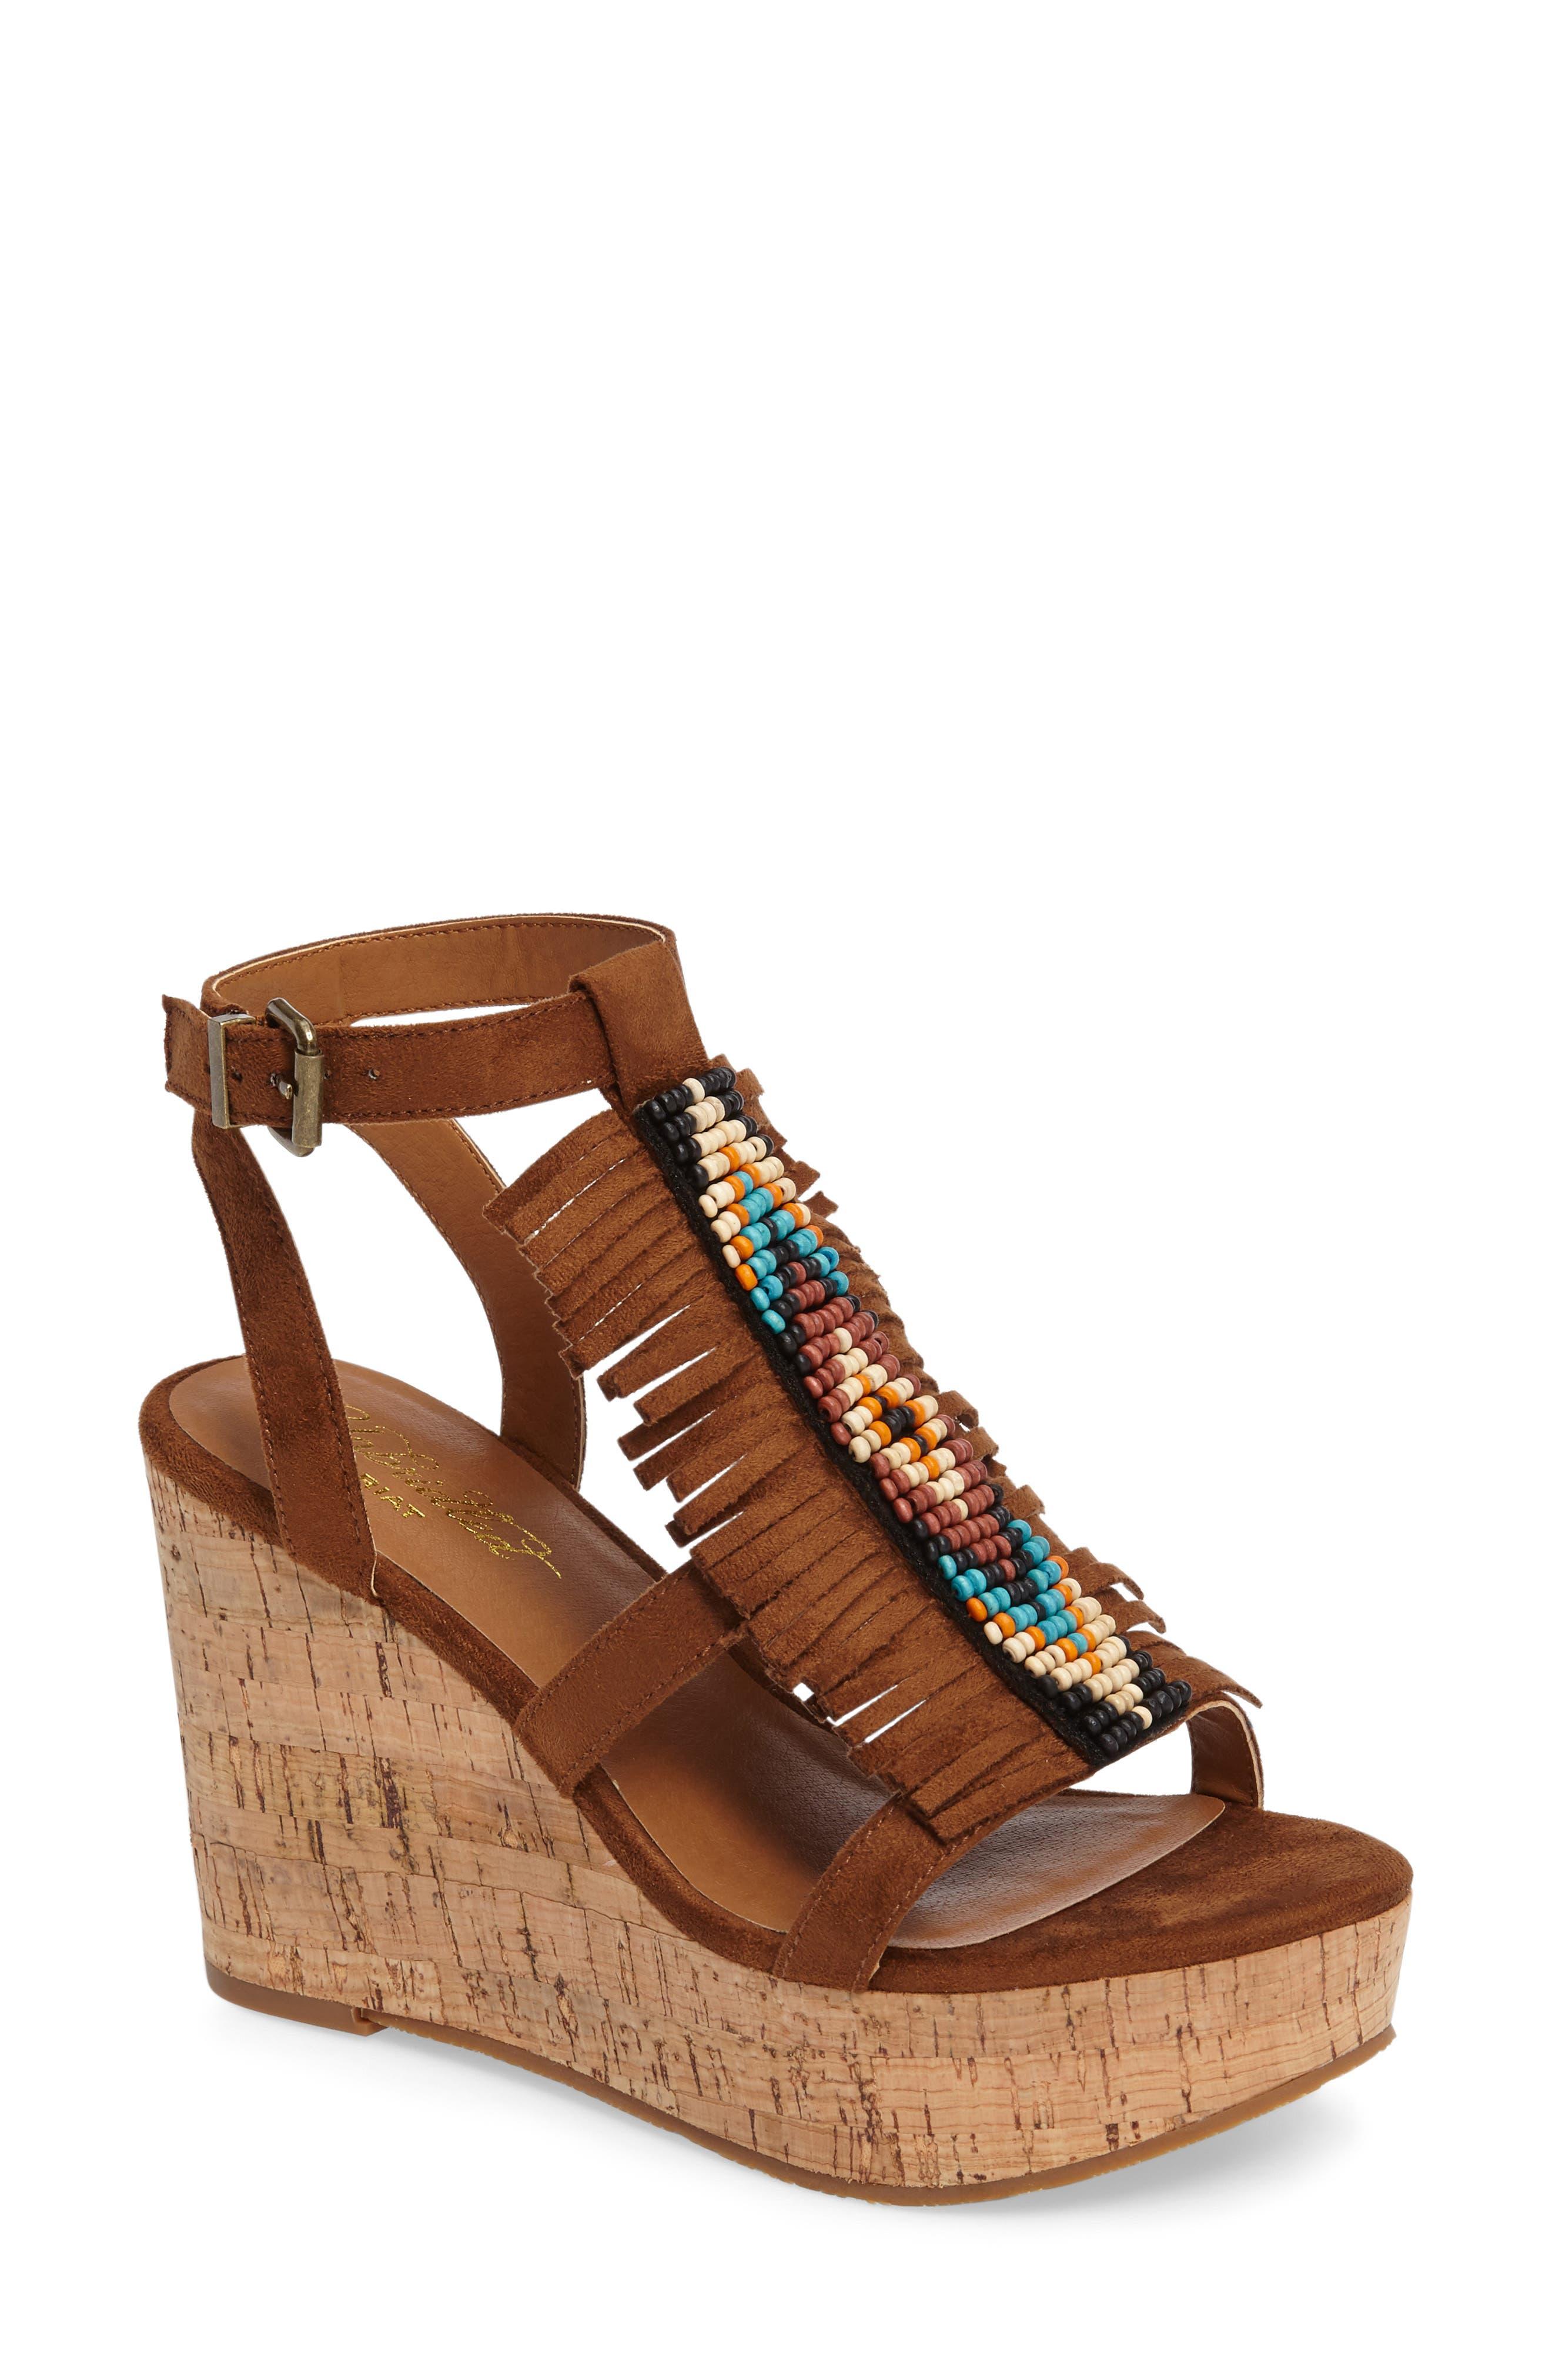 Unbridled Lolita Wedge Sandal,                         Main,                         color, LIGHT COGNAC SUEDE